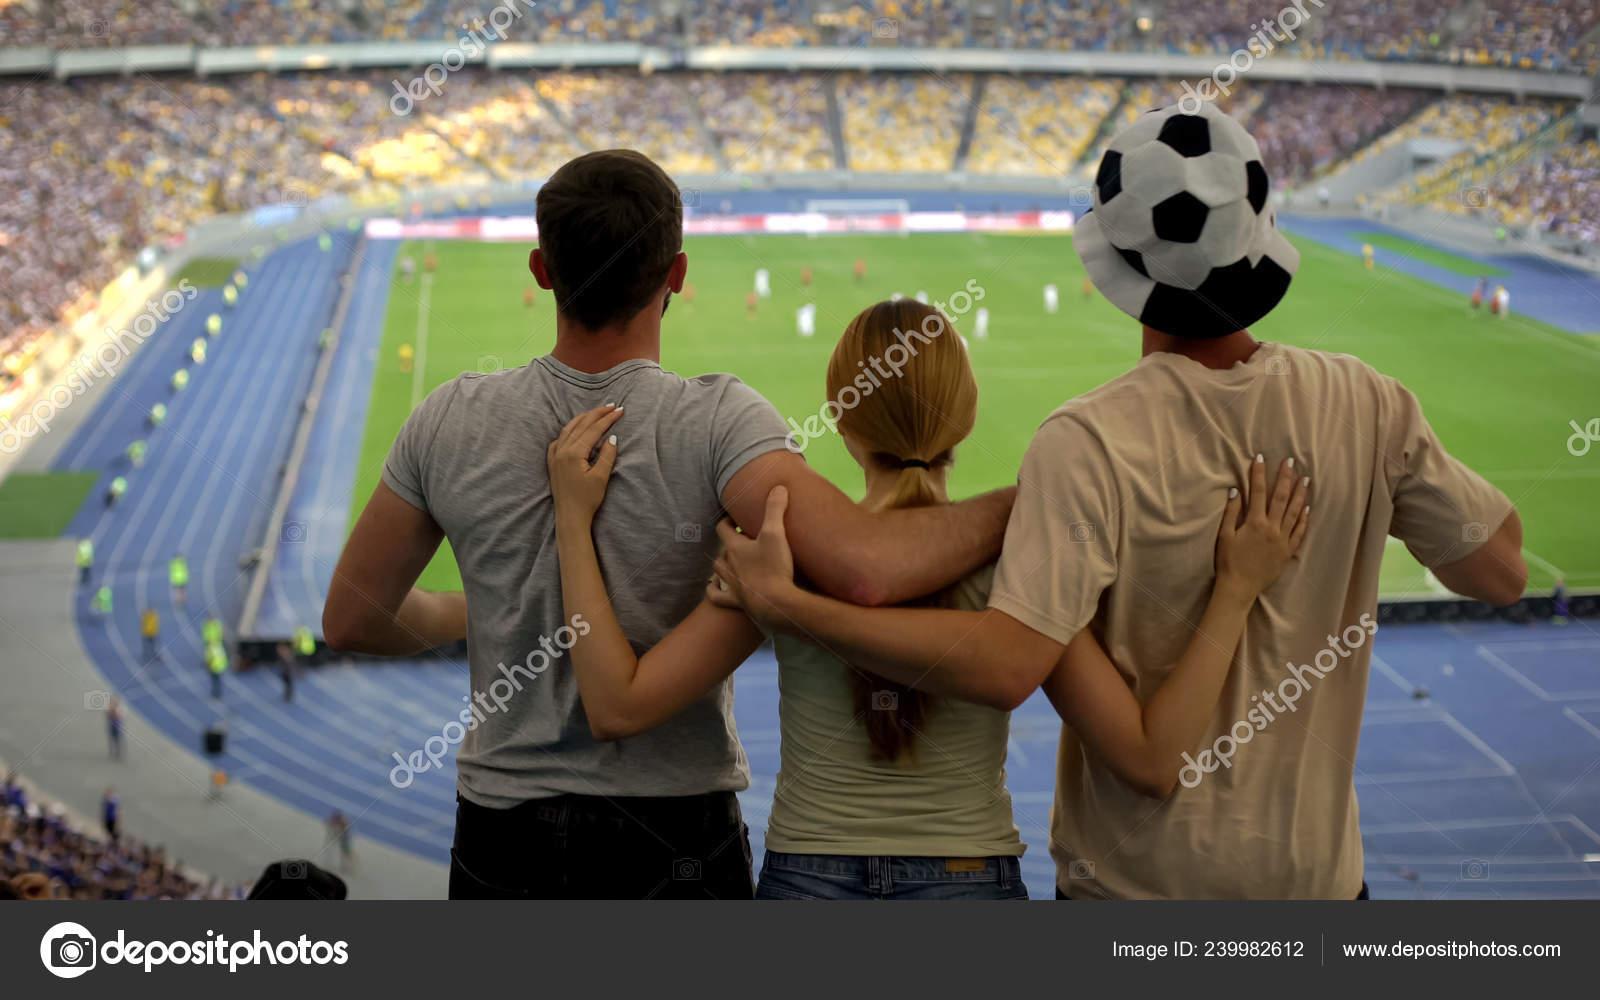 Fussball Fans Stadion Sieg Der Lieblingsmannschaft Anfeuern